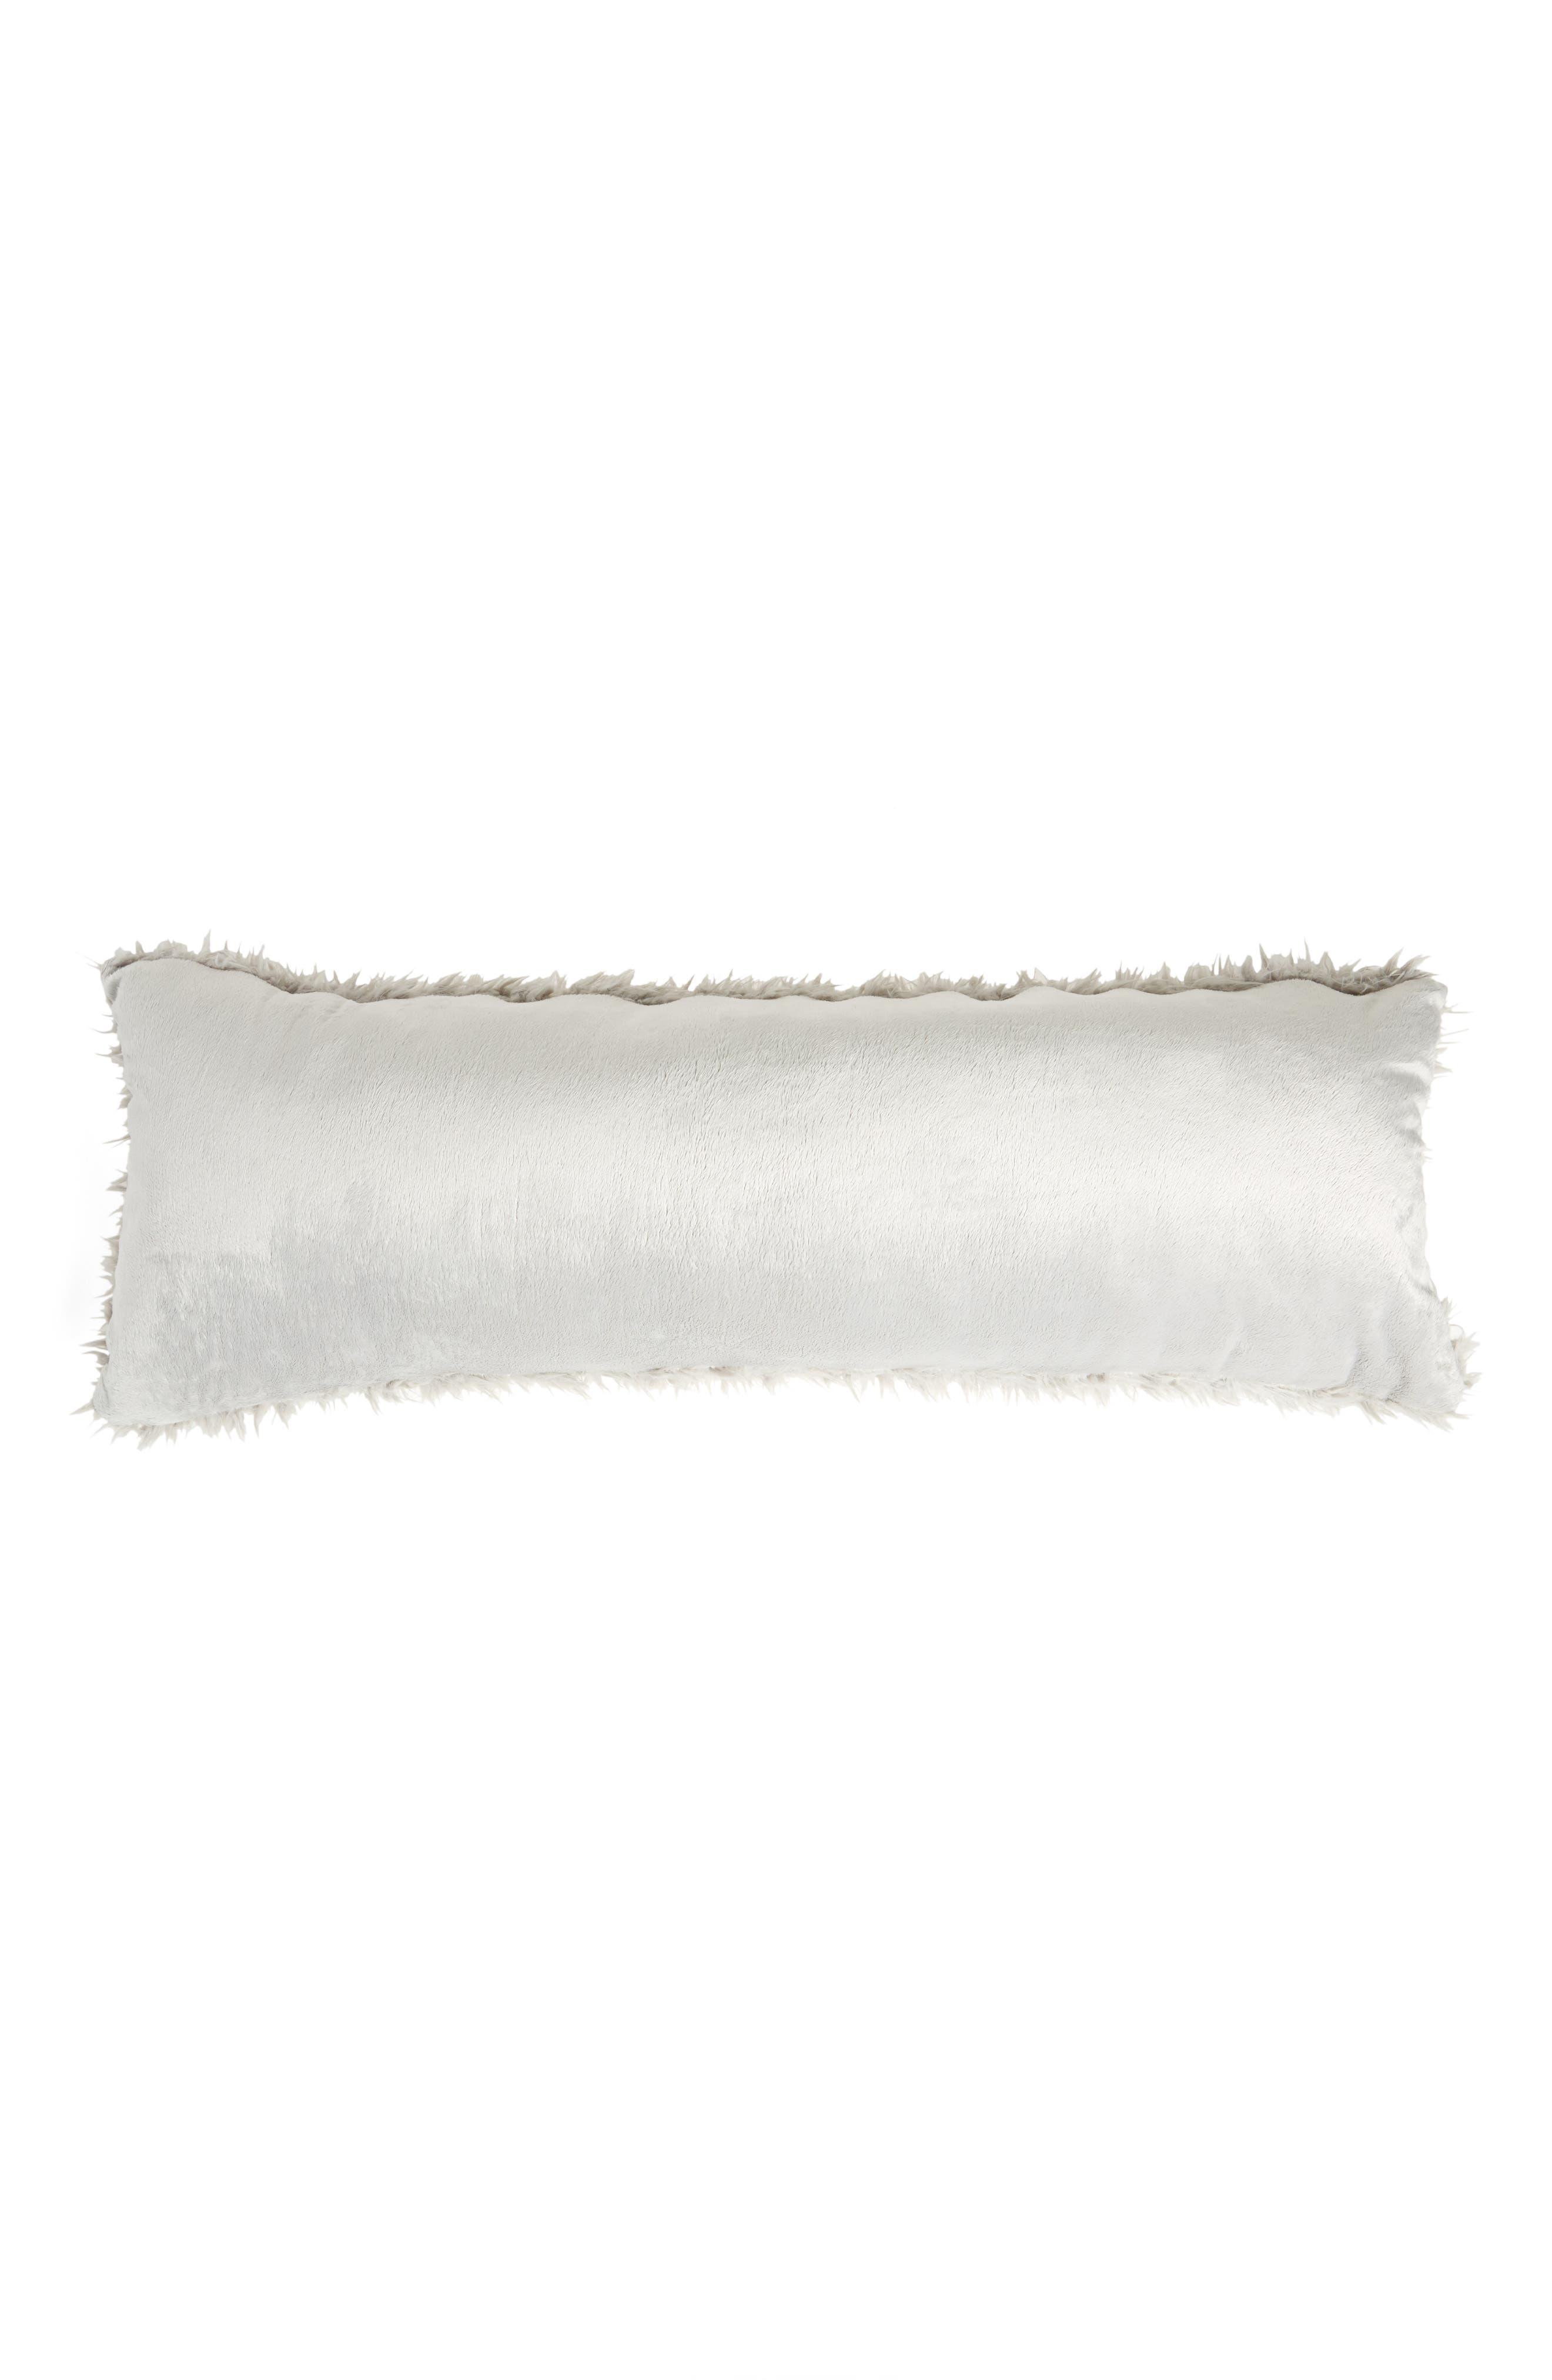 Shaggy Faux Fur Pillow,                             Alternate thumbnail 2, color,                             020